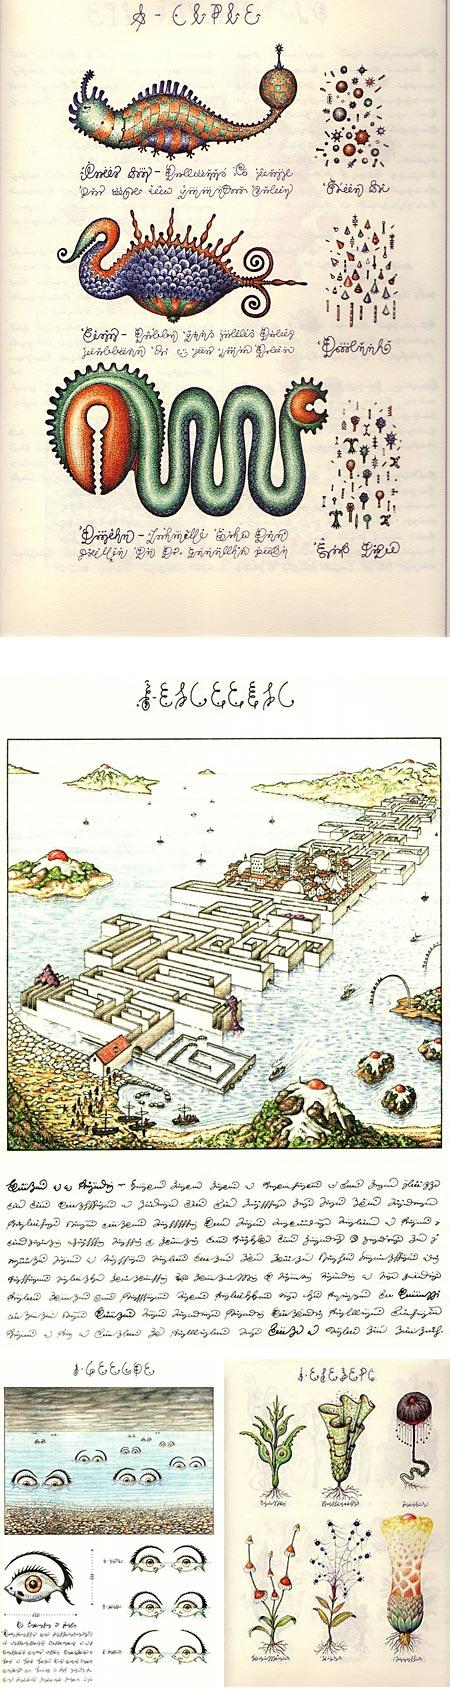 The Codex Seraphinianus - Luigi Serafini